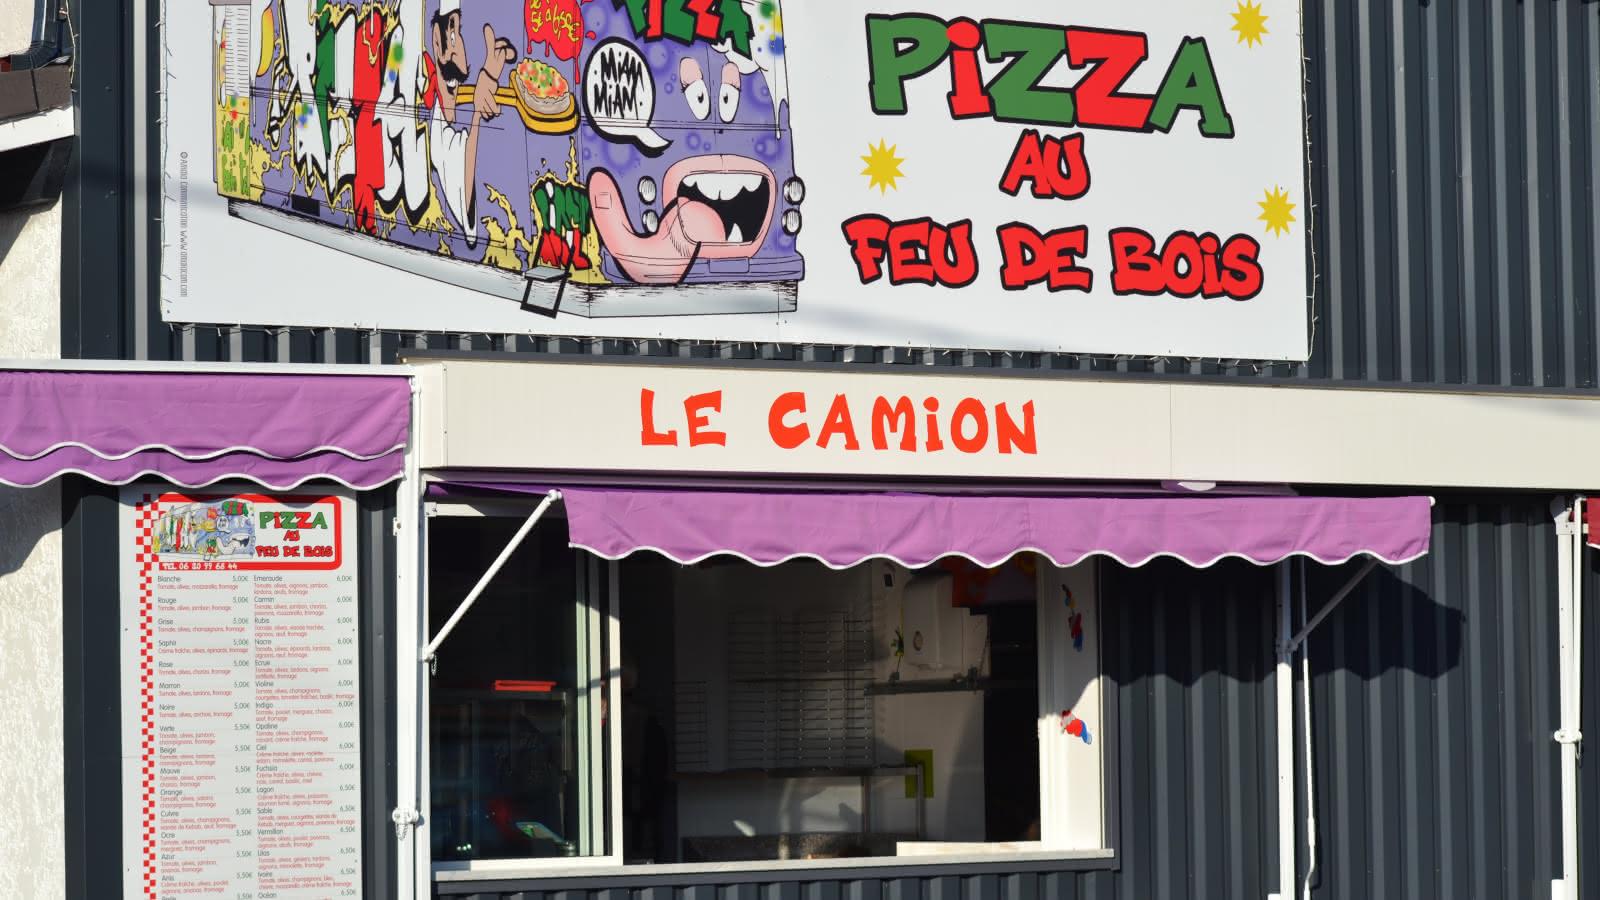 Restaurant Lacanau Pizza Au feu de bois